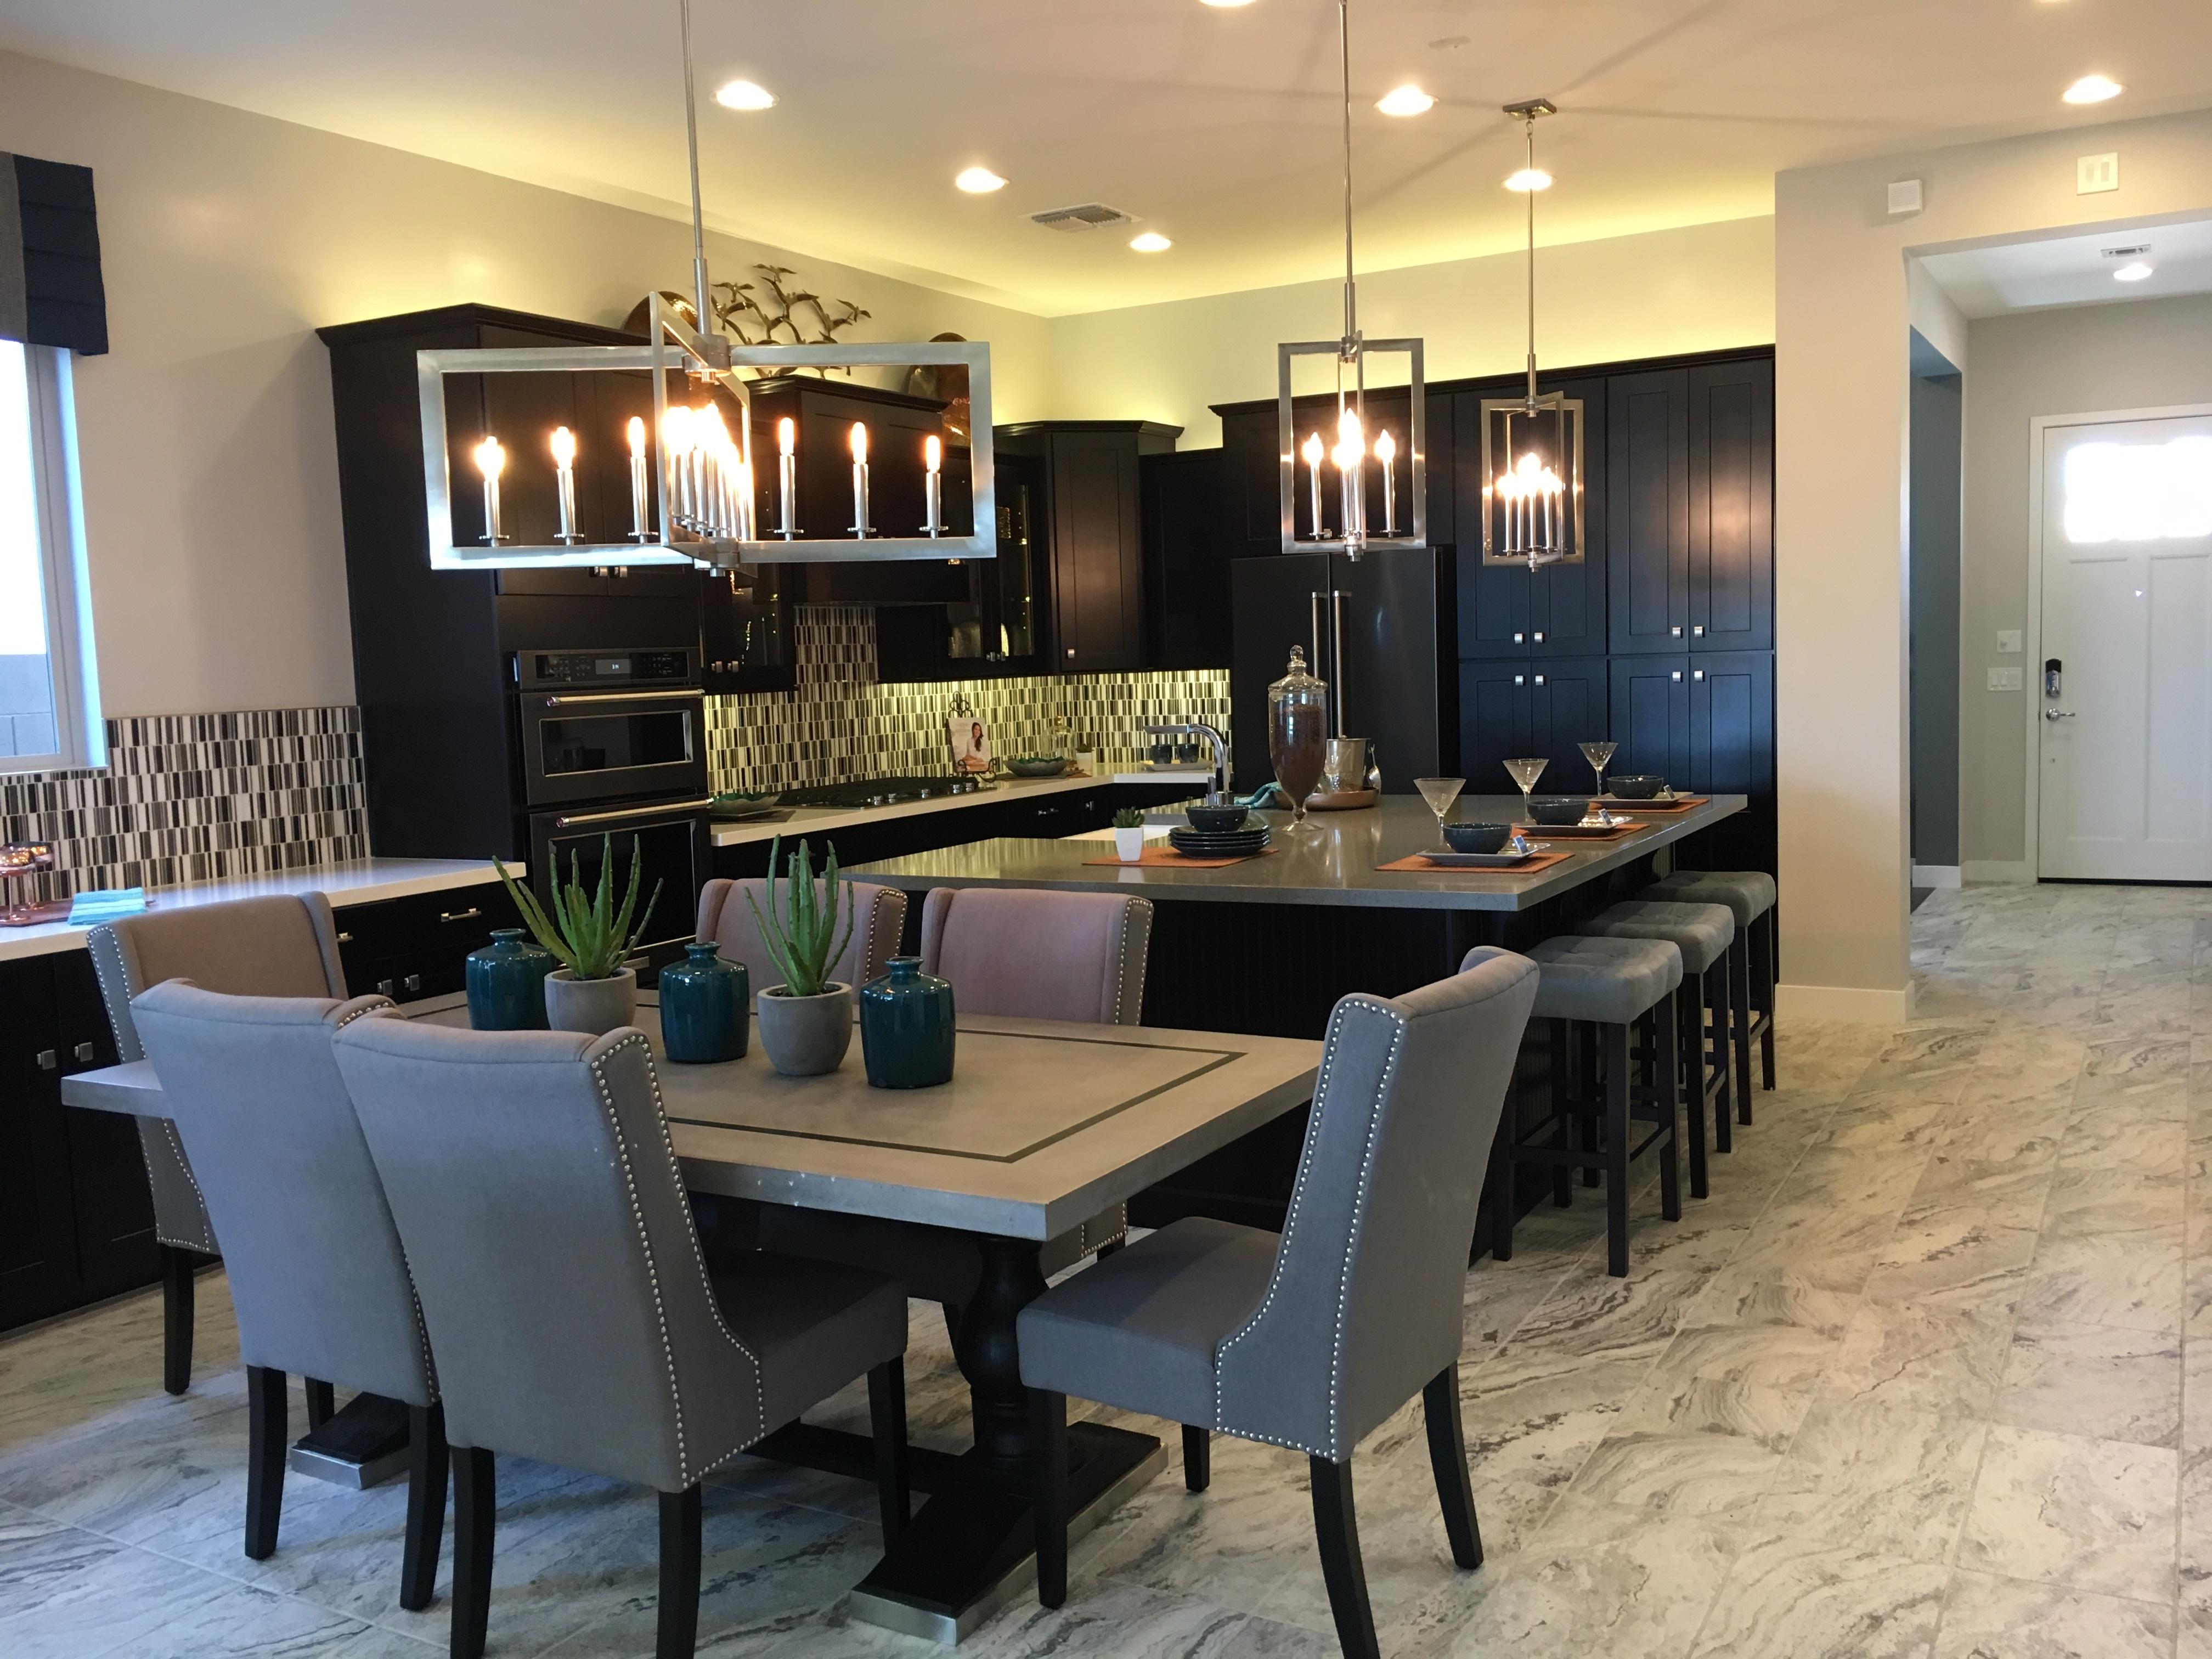 Chris Dunham   The Real Estate Guy®   602 321 6188   Chris@RLS8GUY.com    RLS8GUY.com